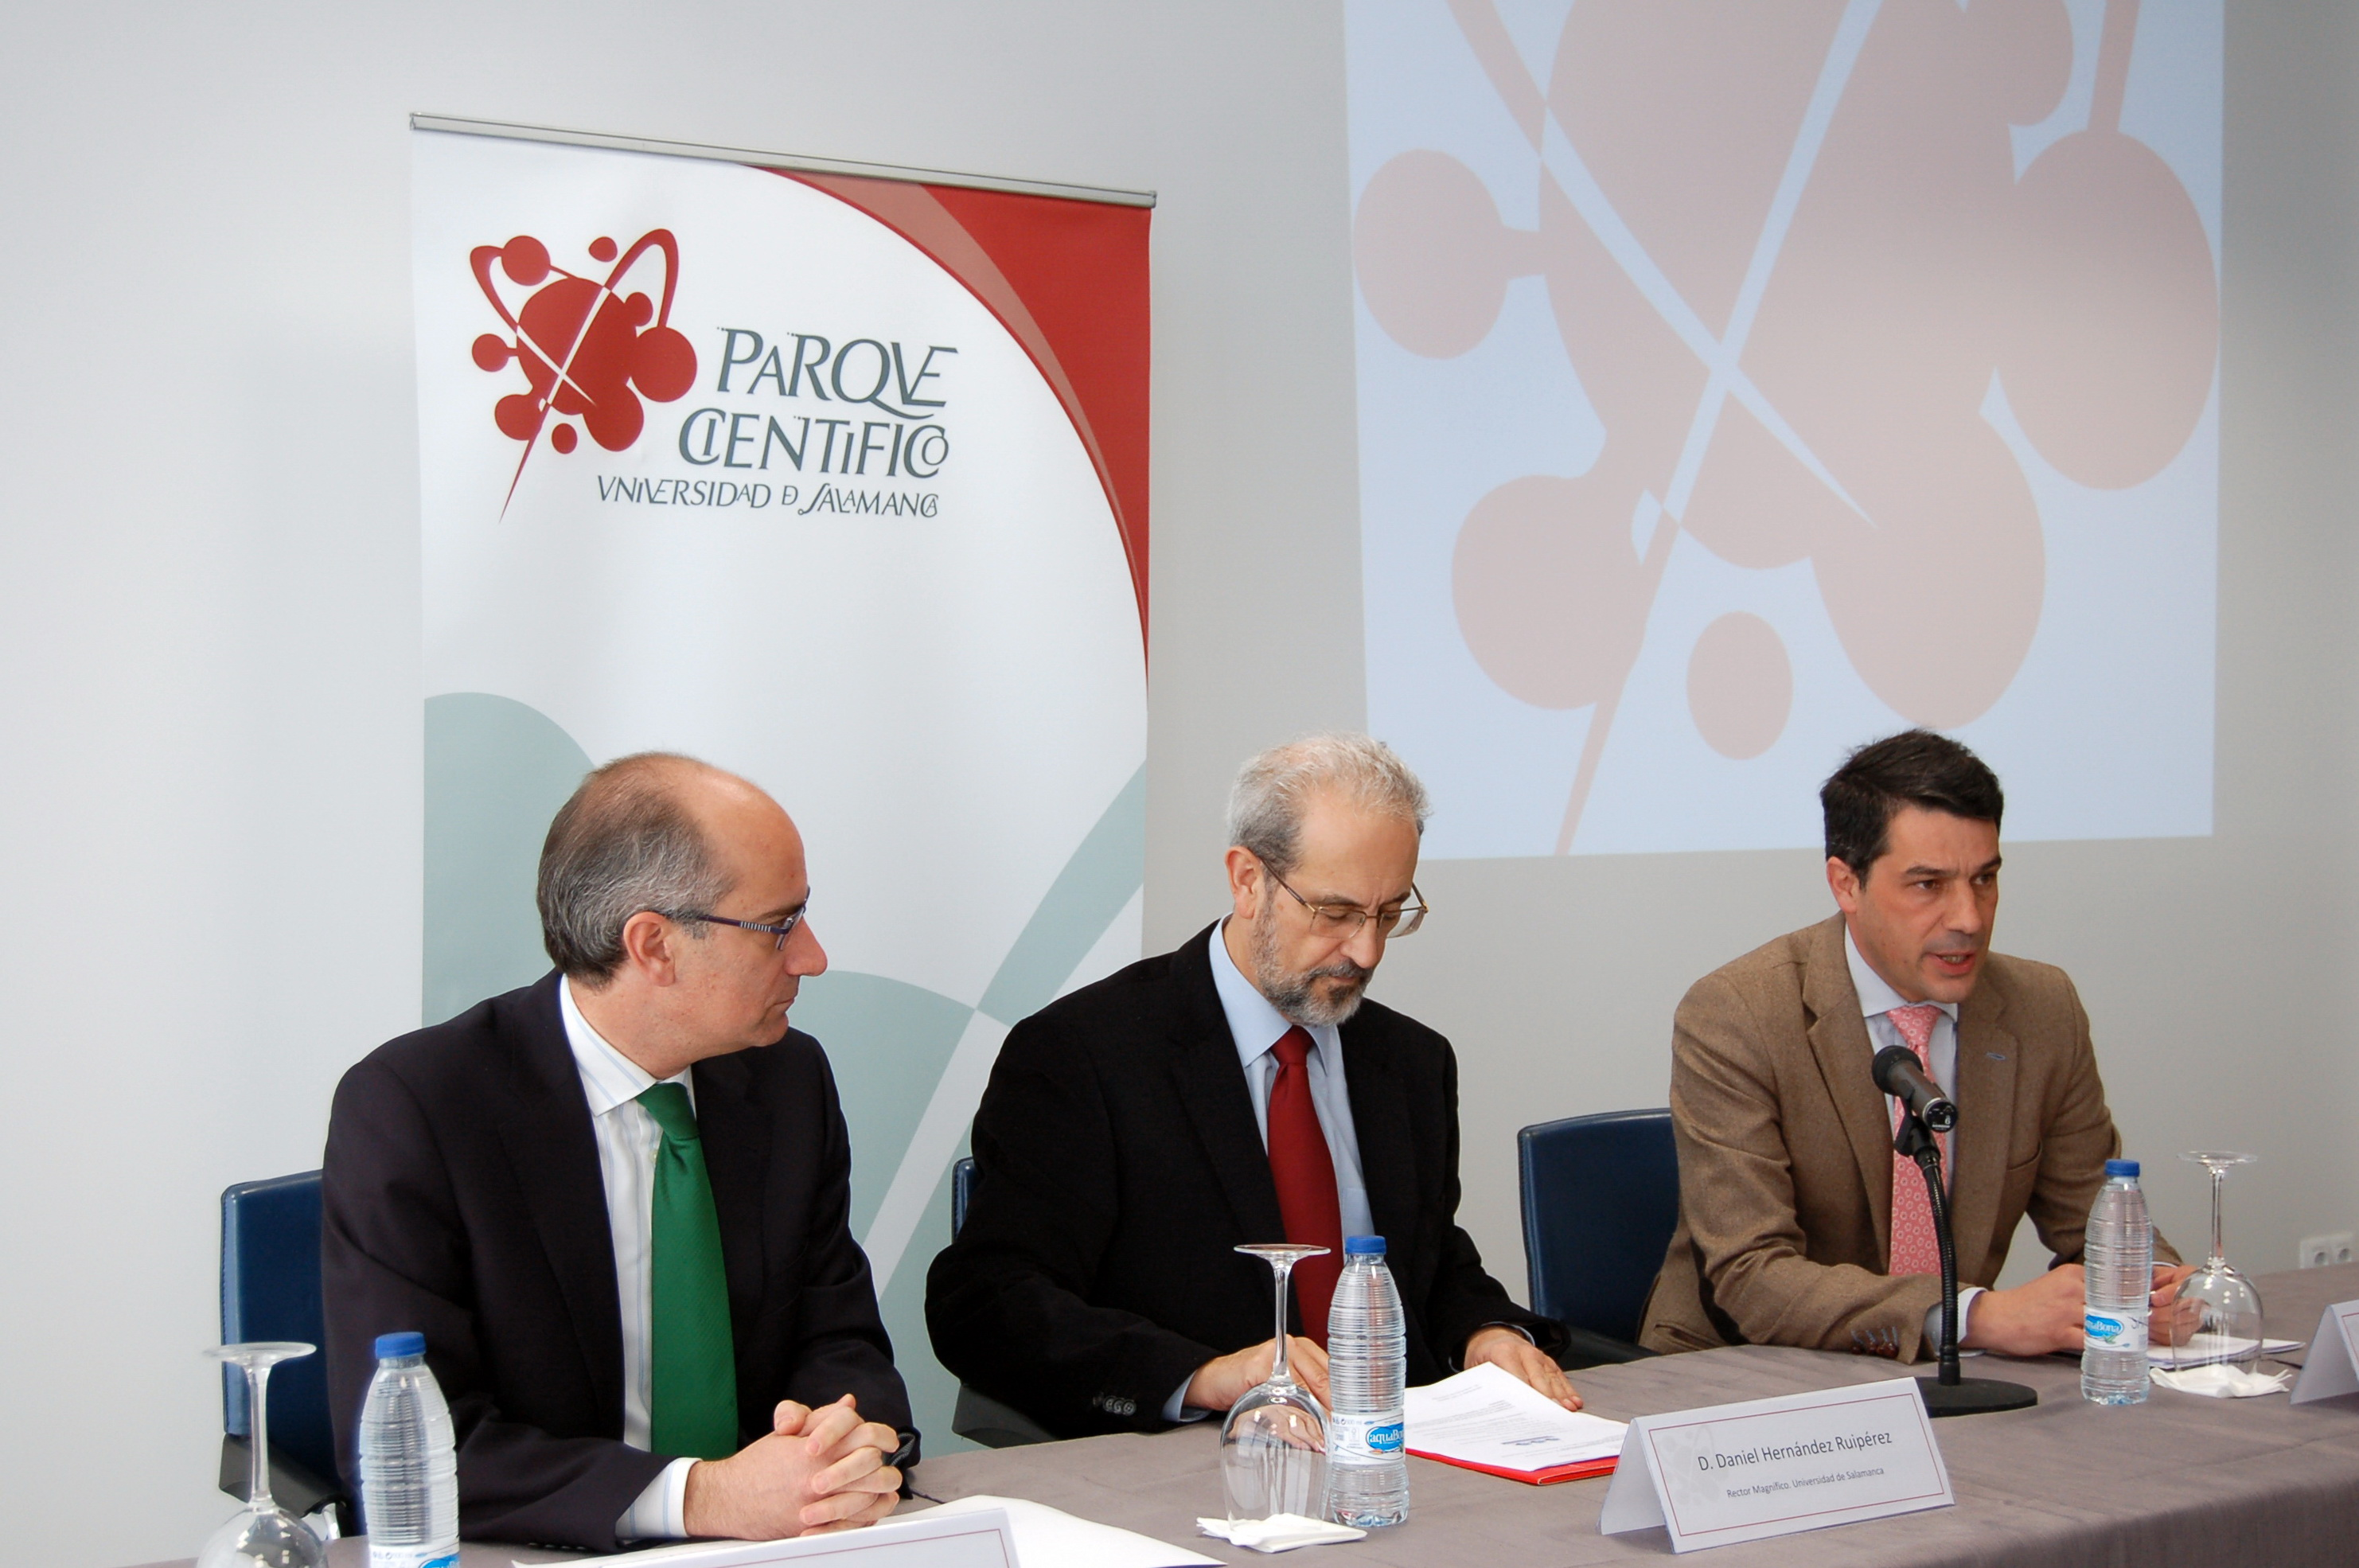 El Parque Científico de la Universidad de Salamanca acoge la presentación de la Estrategia de Empleo e Impulso de la Economía Provincial de la Diputación de Salamanca